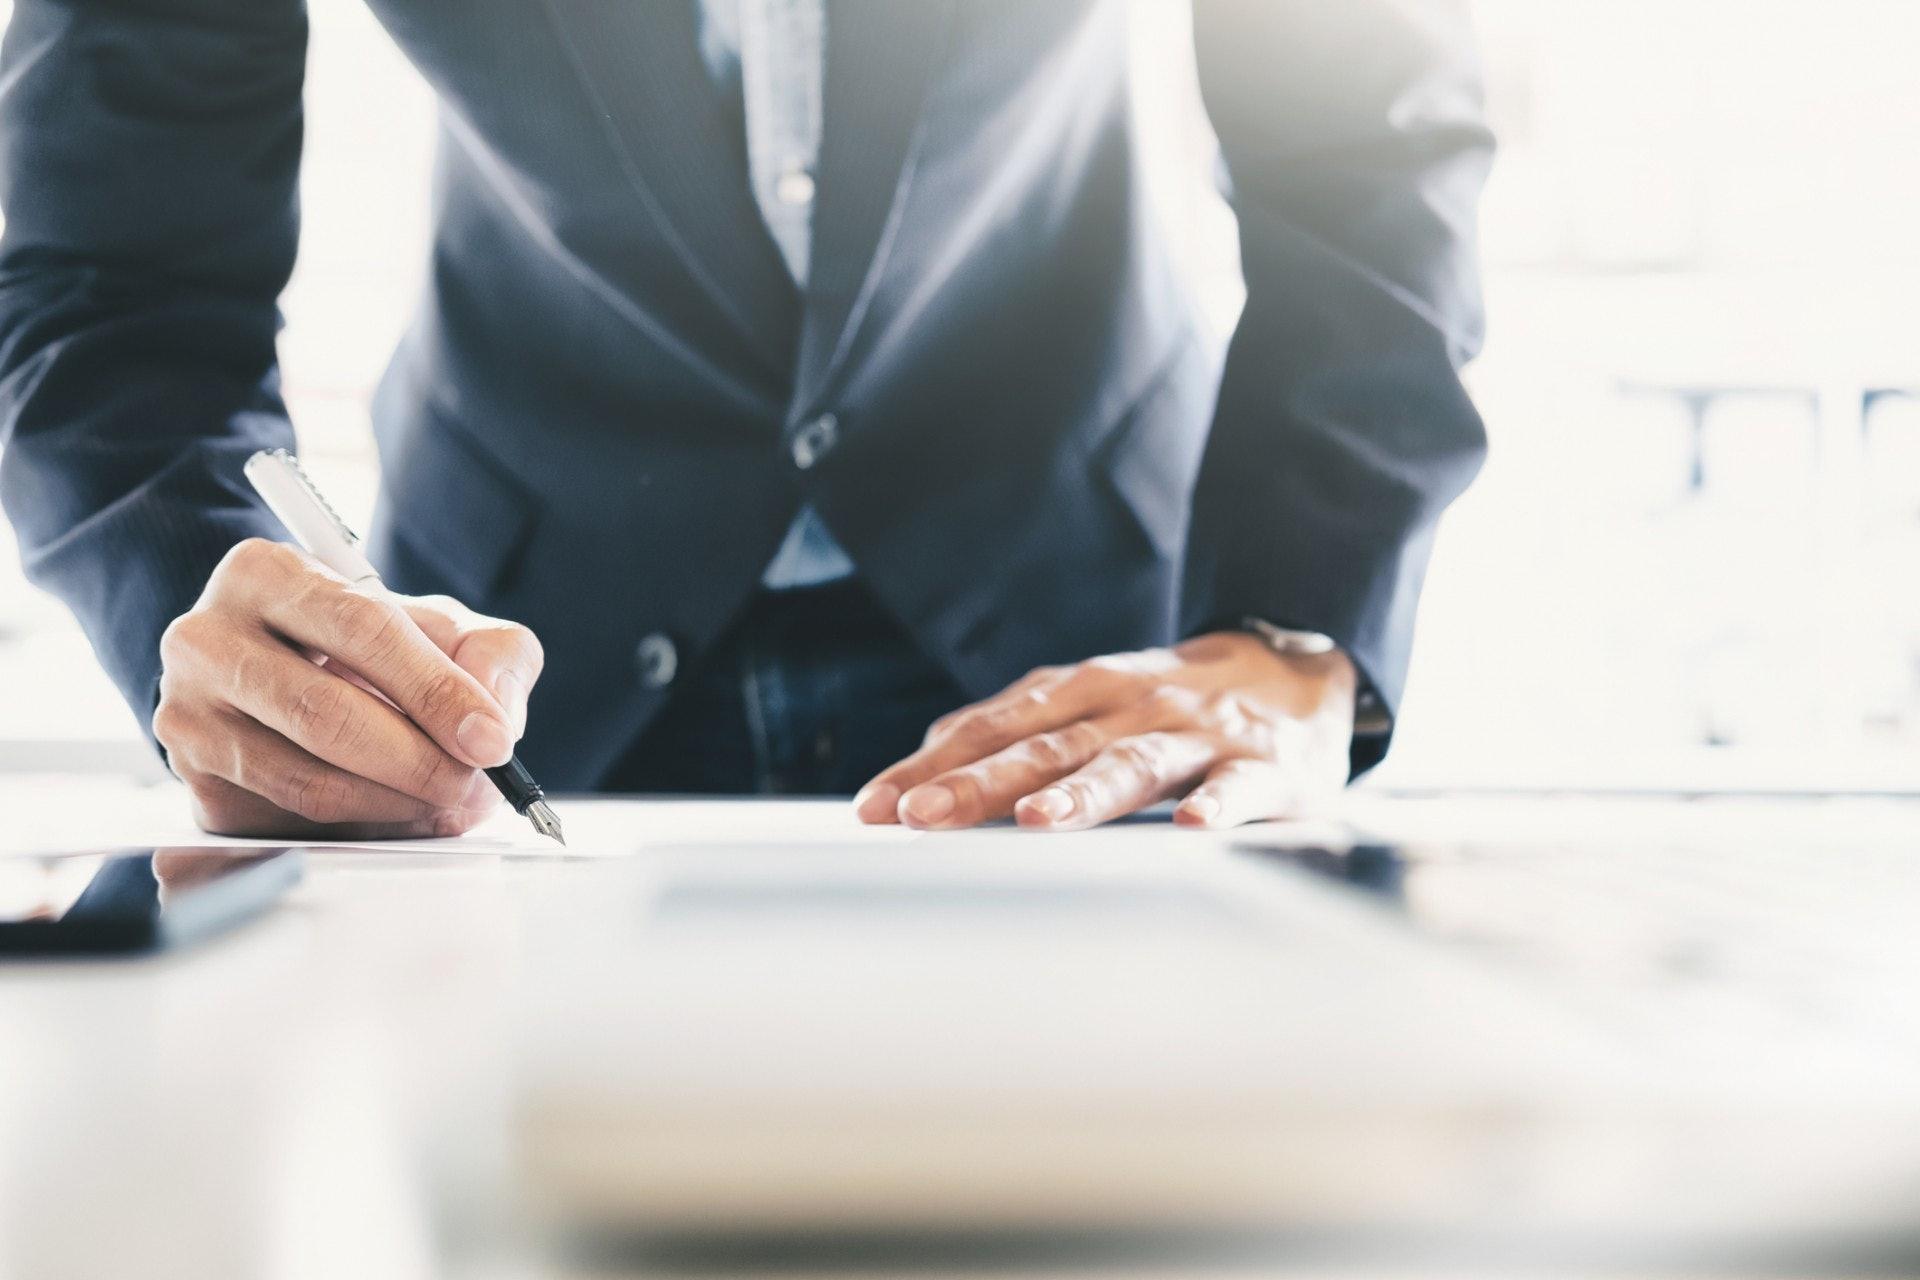 四成(40%)招聘經理認為1至2星期內得到求職者的回覆是可以接受。﹙GettyImages/VCG﹚